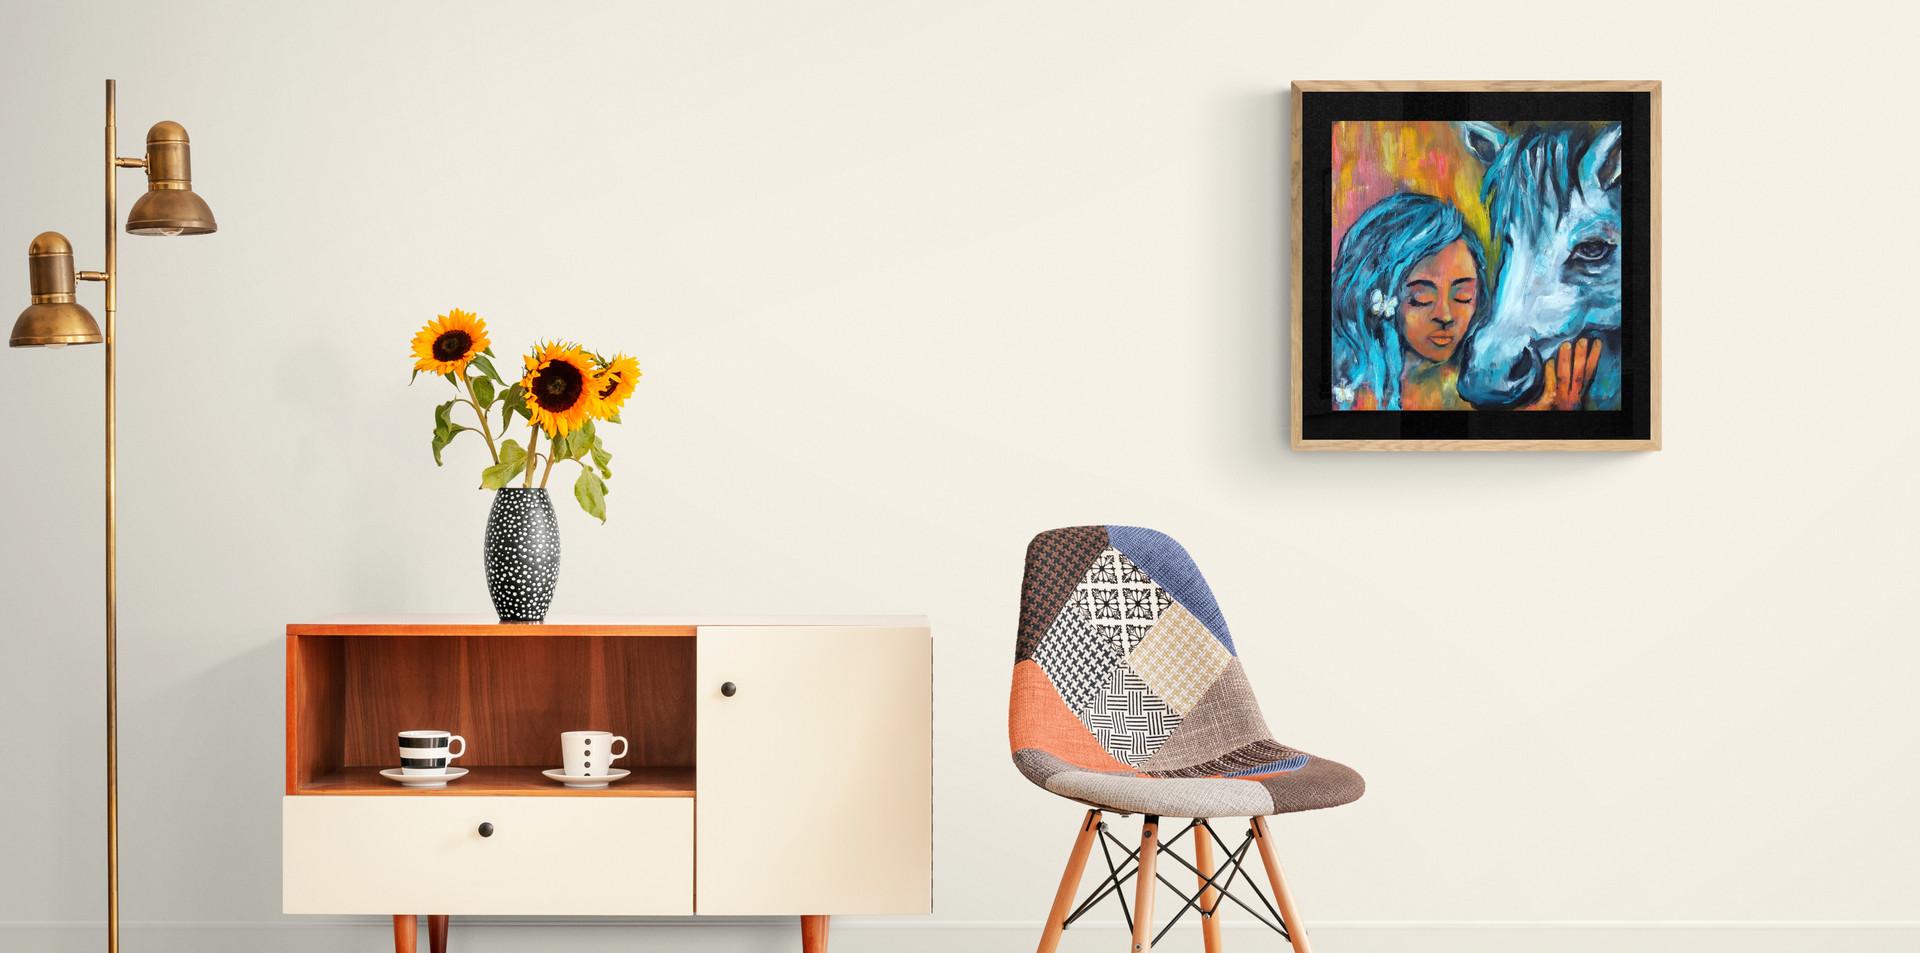 oil-painting-portrait-girl-horse-canvas-jenie-gospodinova